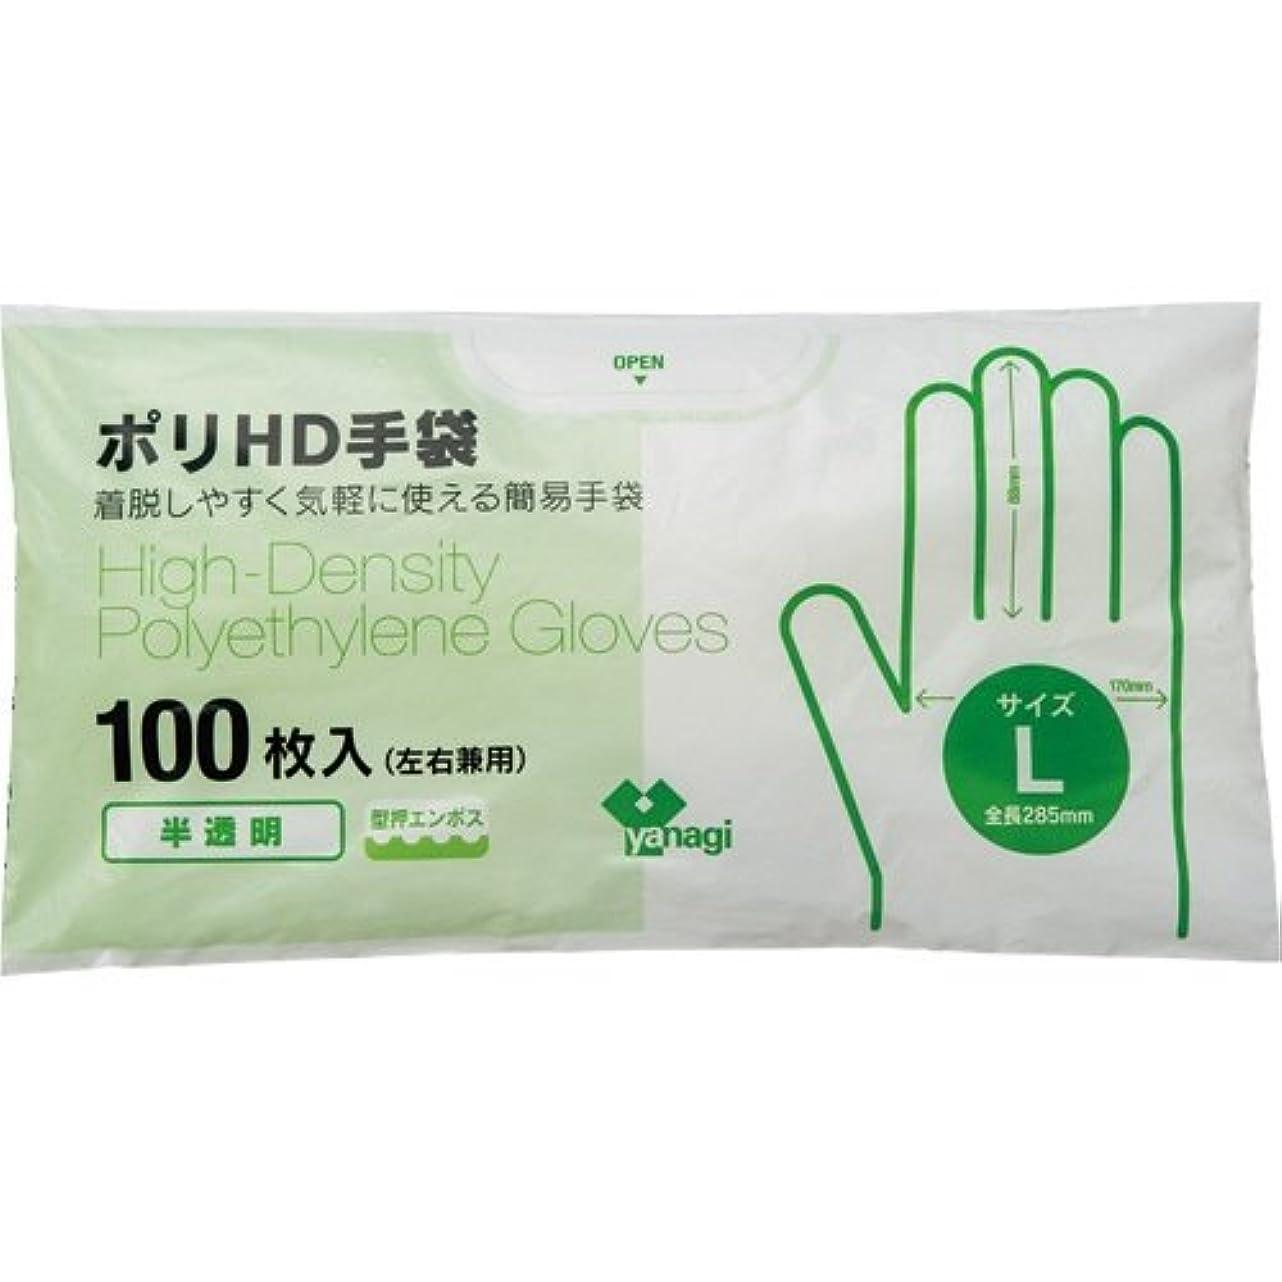 みぞれセージ腐敗やなぎプロダクツ ポリHD手袋 半透明 L 1セット(1000枚:100枚×10パック)